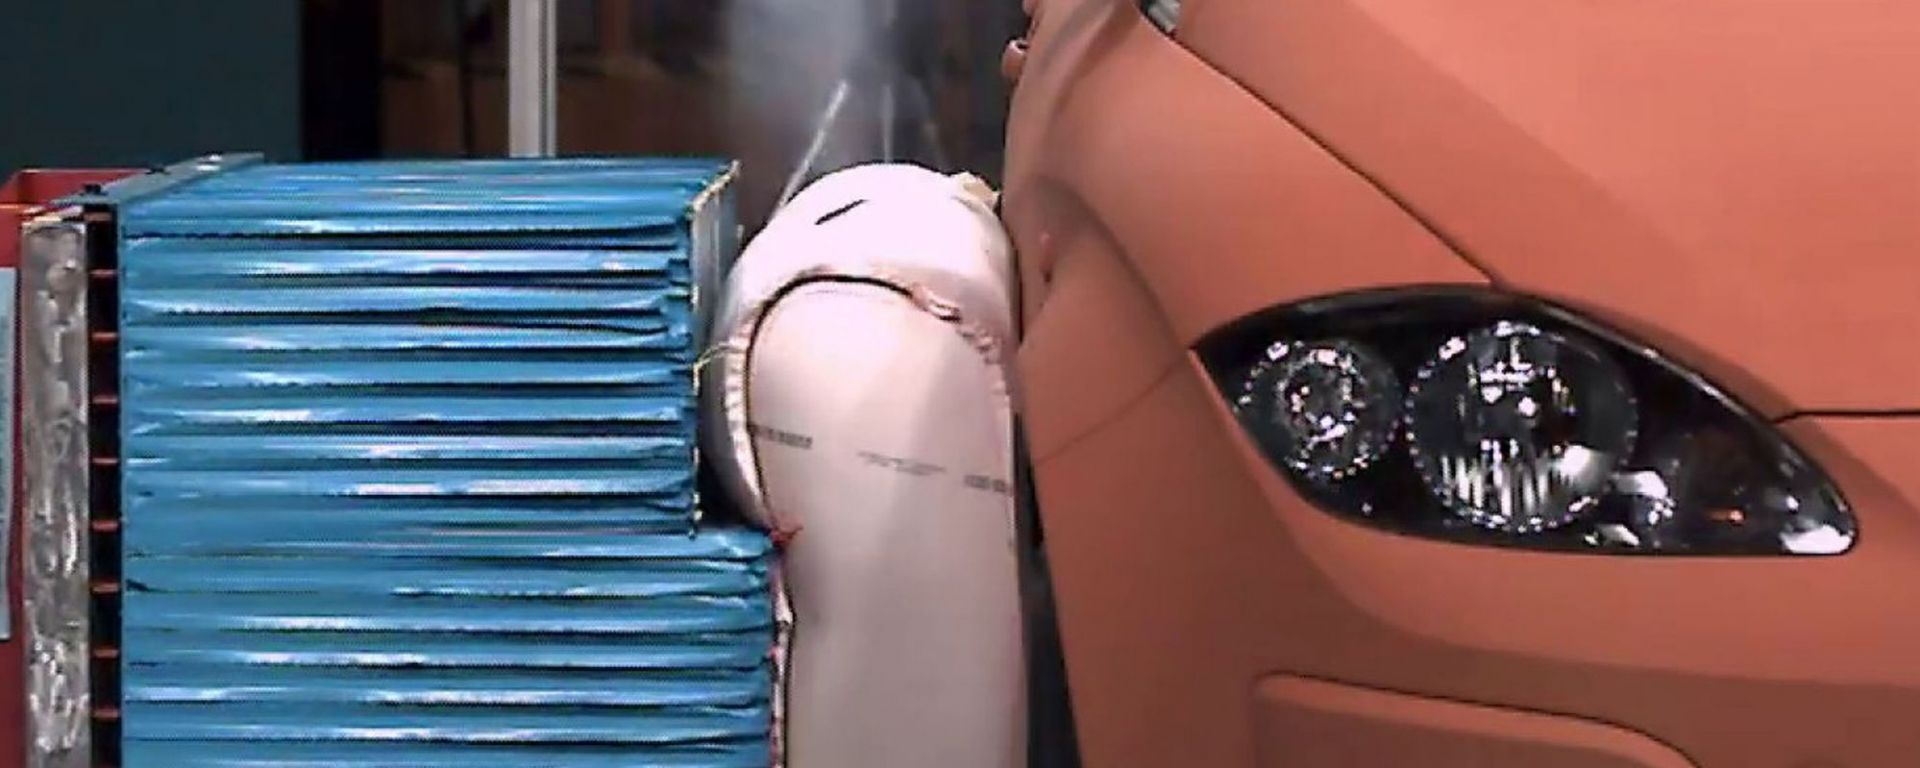 ZF TRW: airbag pre-crash esterno